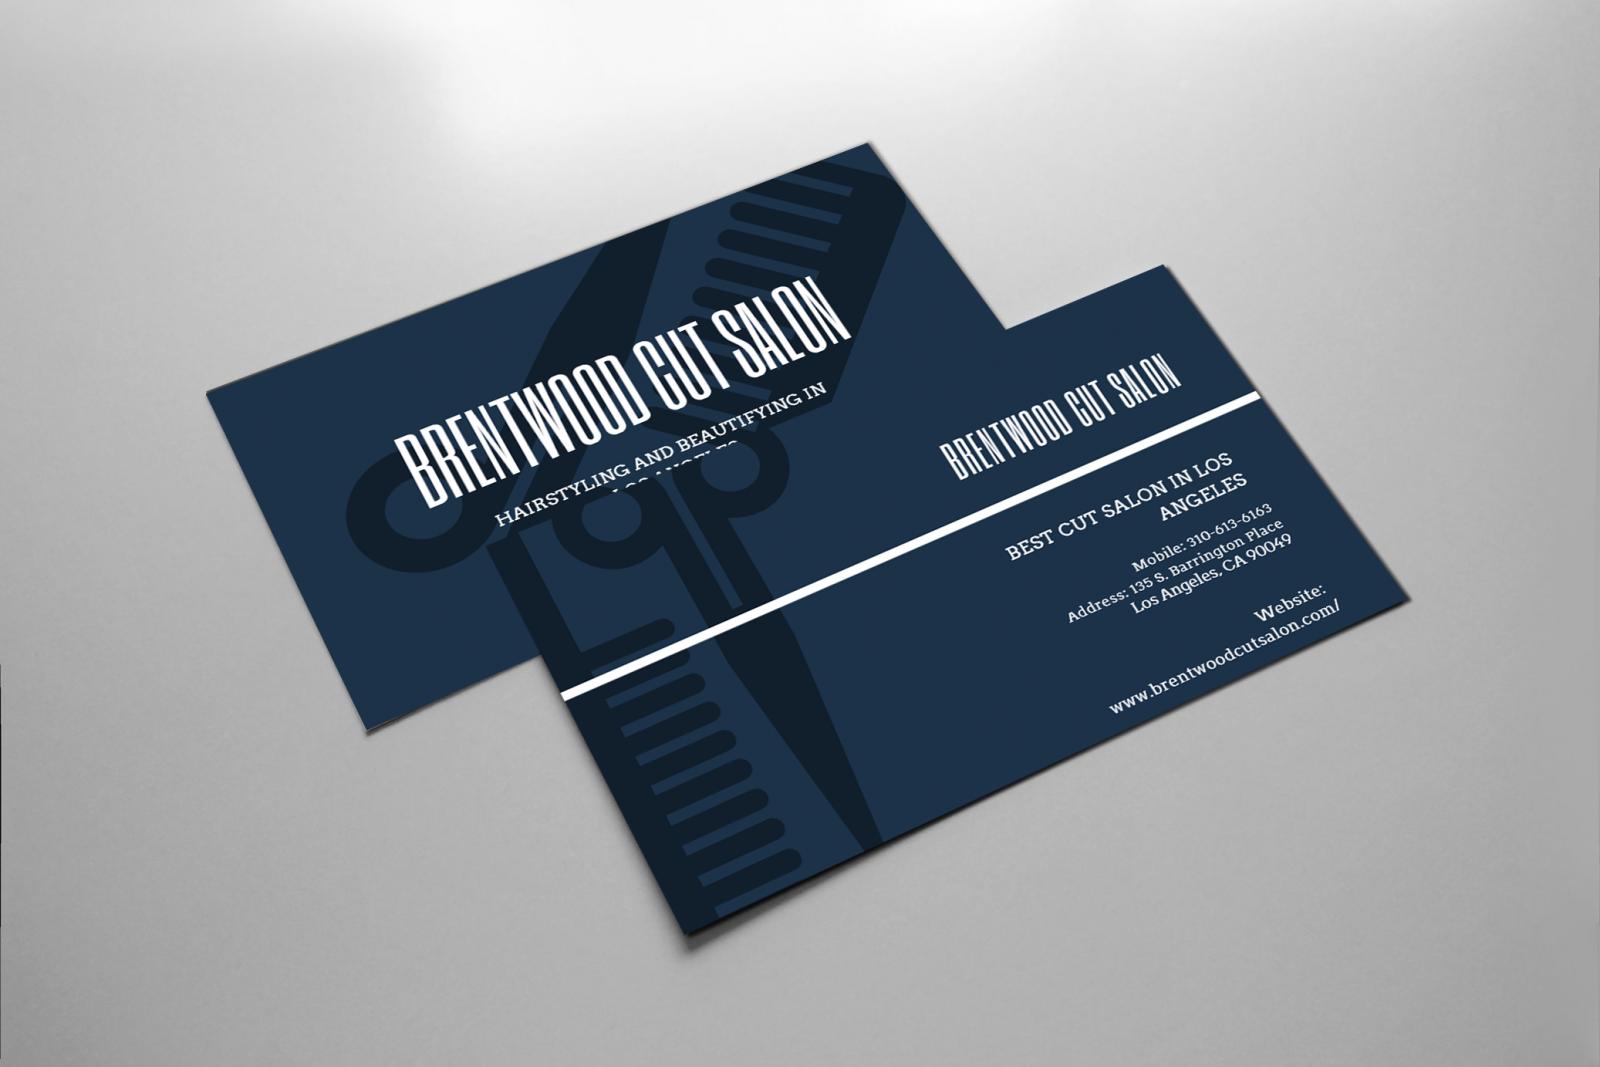 Je Vais Creer Votre Business Card Carte De Visite Pour 5